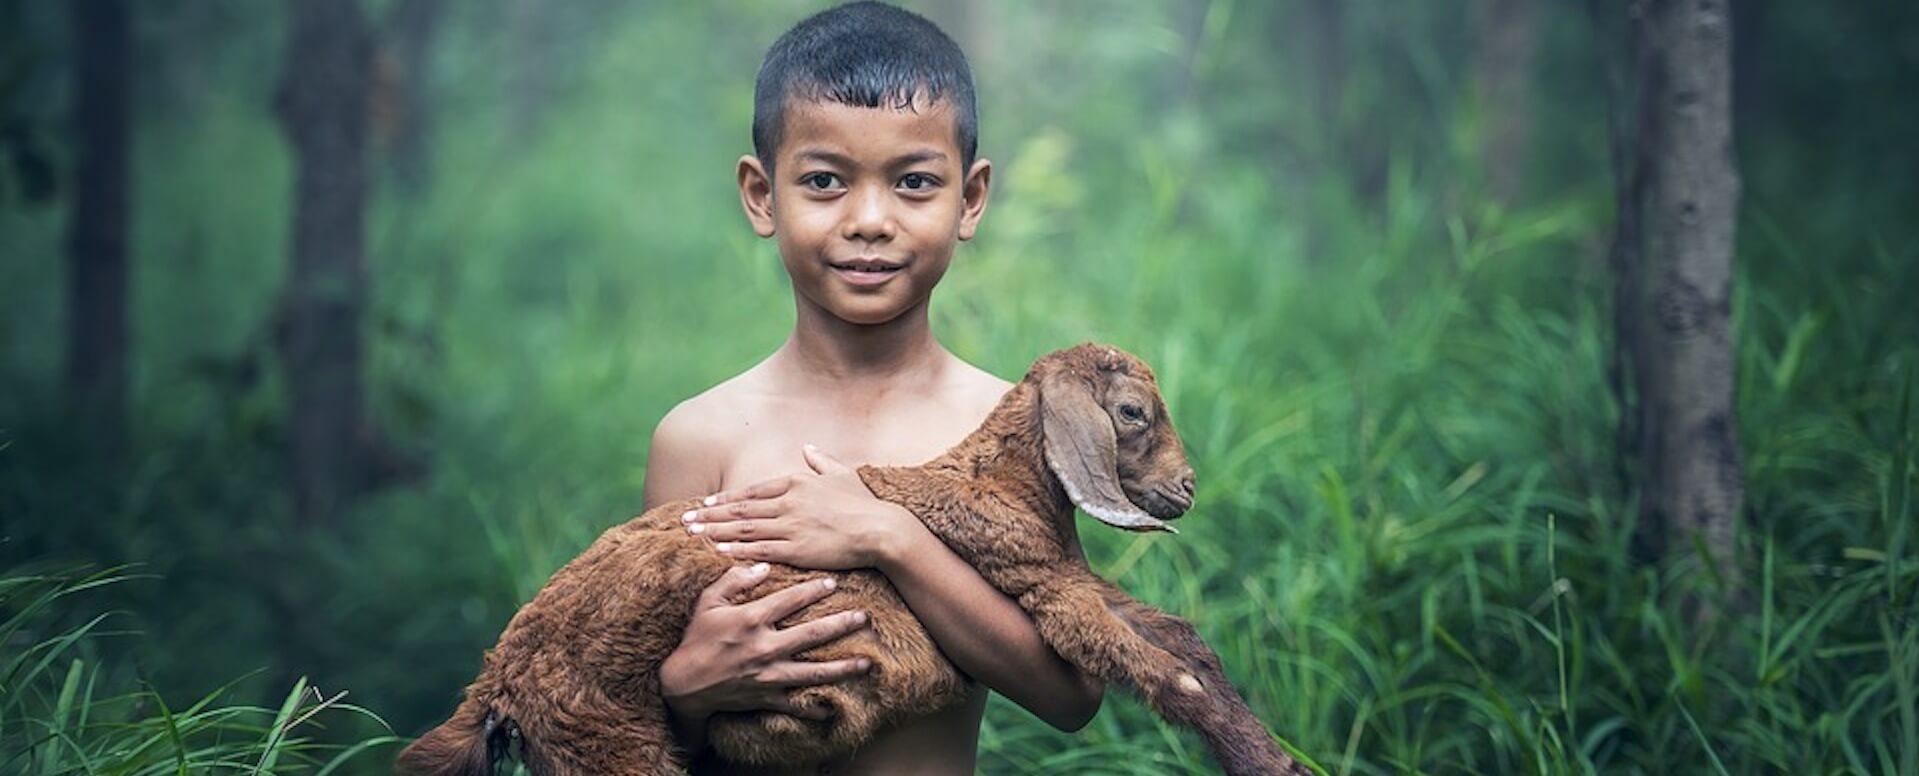 Tout ce que vous ignorez sur l'Indonésie - Indonésie